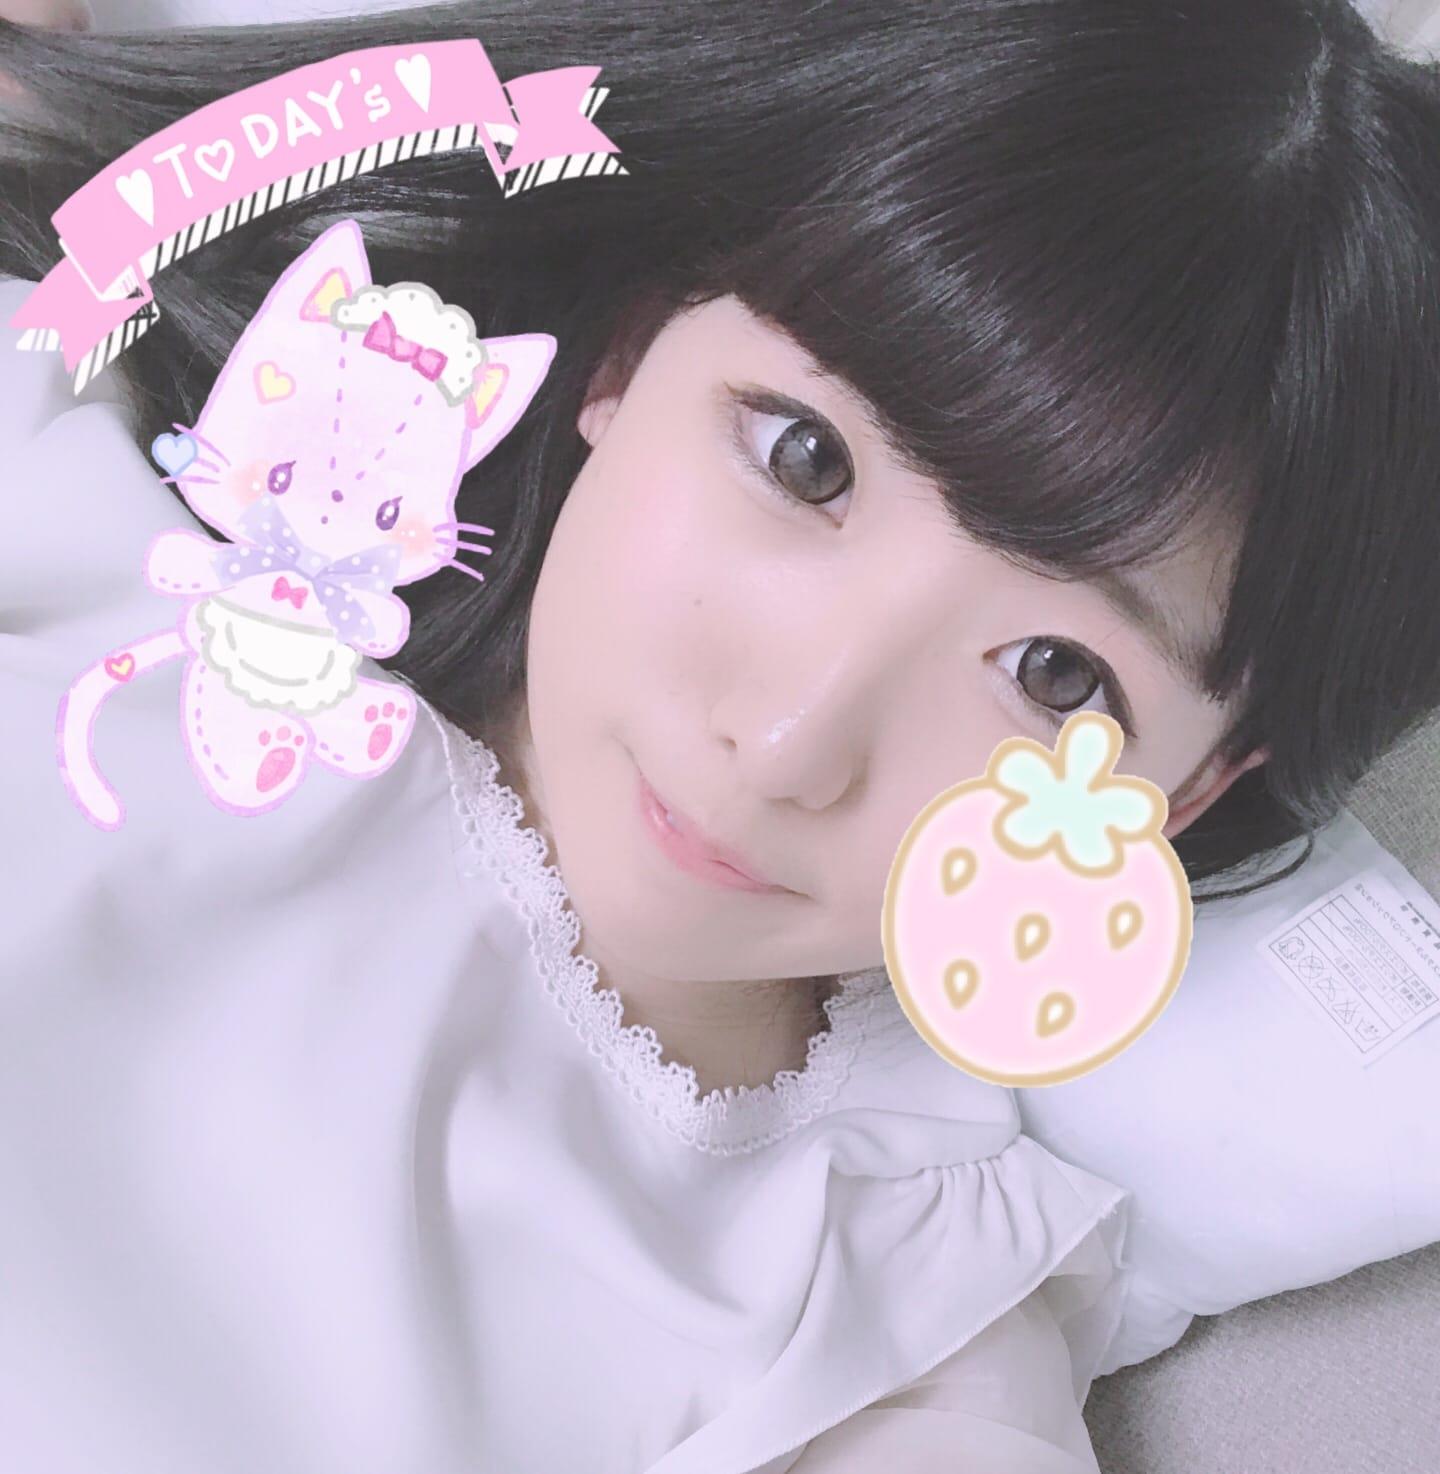 「ことです!」12/16(土) 23:27   ことちゃんの写メ・風俗動画